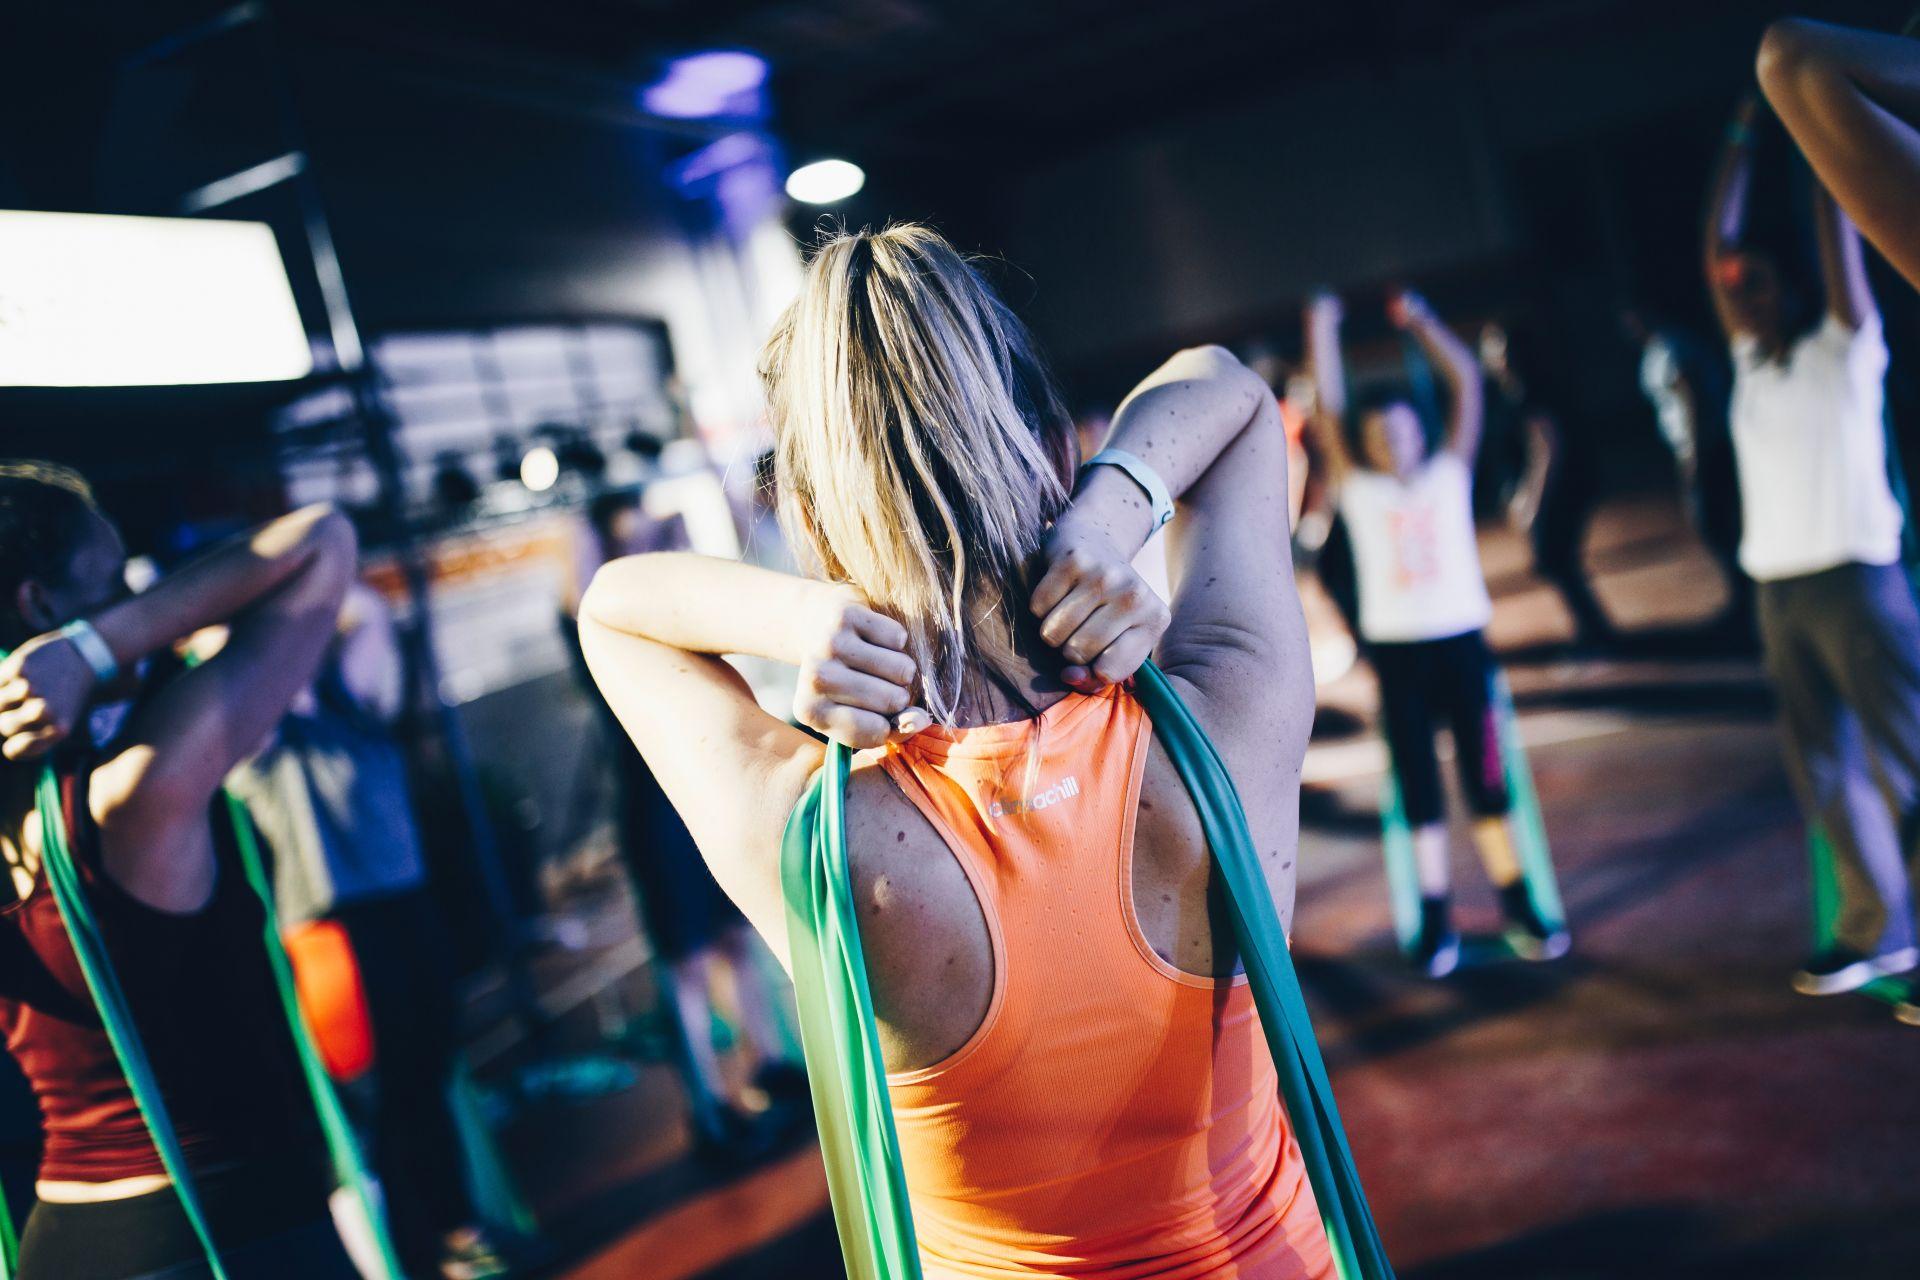 ¿Alergias alimentarias? Cuidado con los cofactores: ejercicio físico, alcohol, AINES, temperaturas extremas, estrés ...